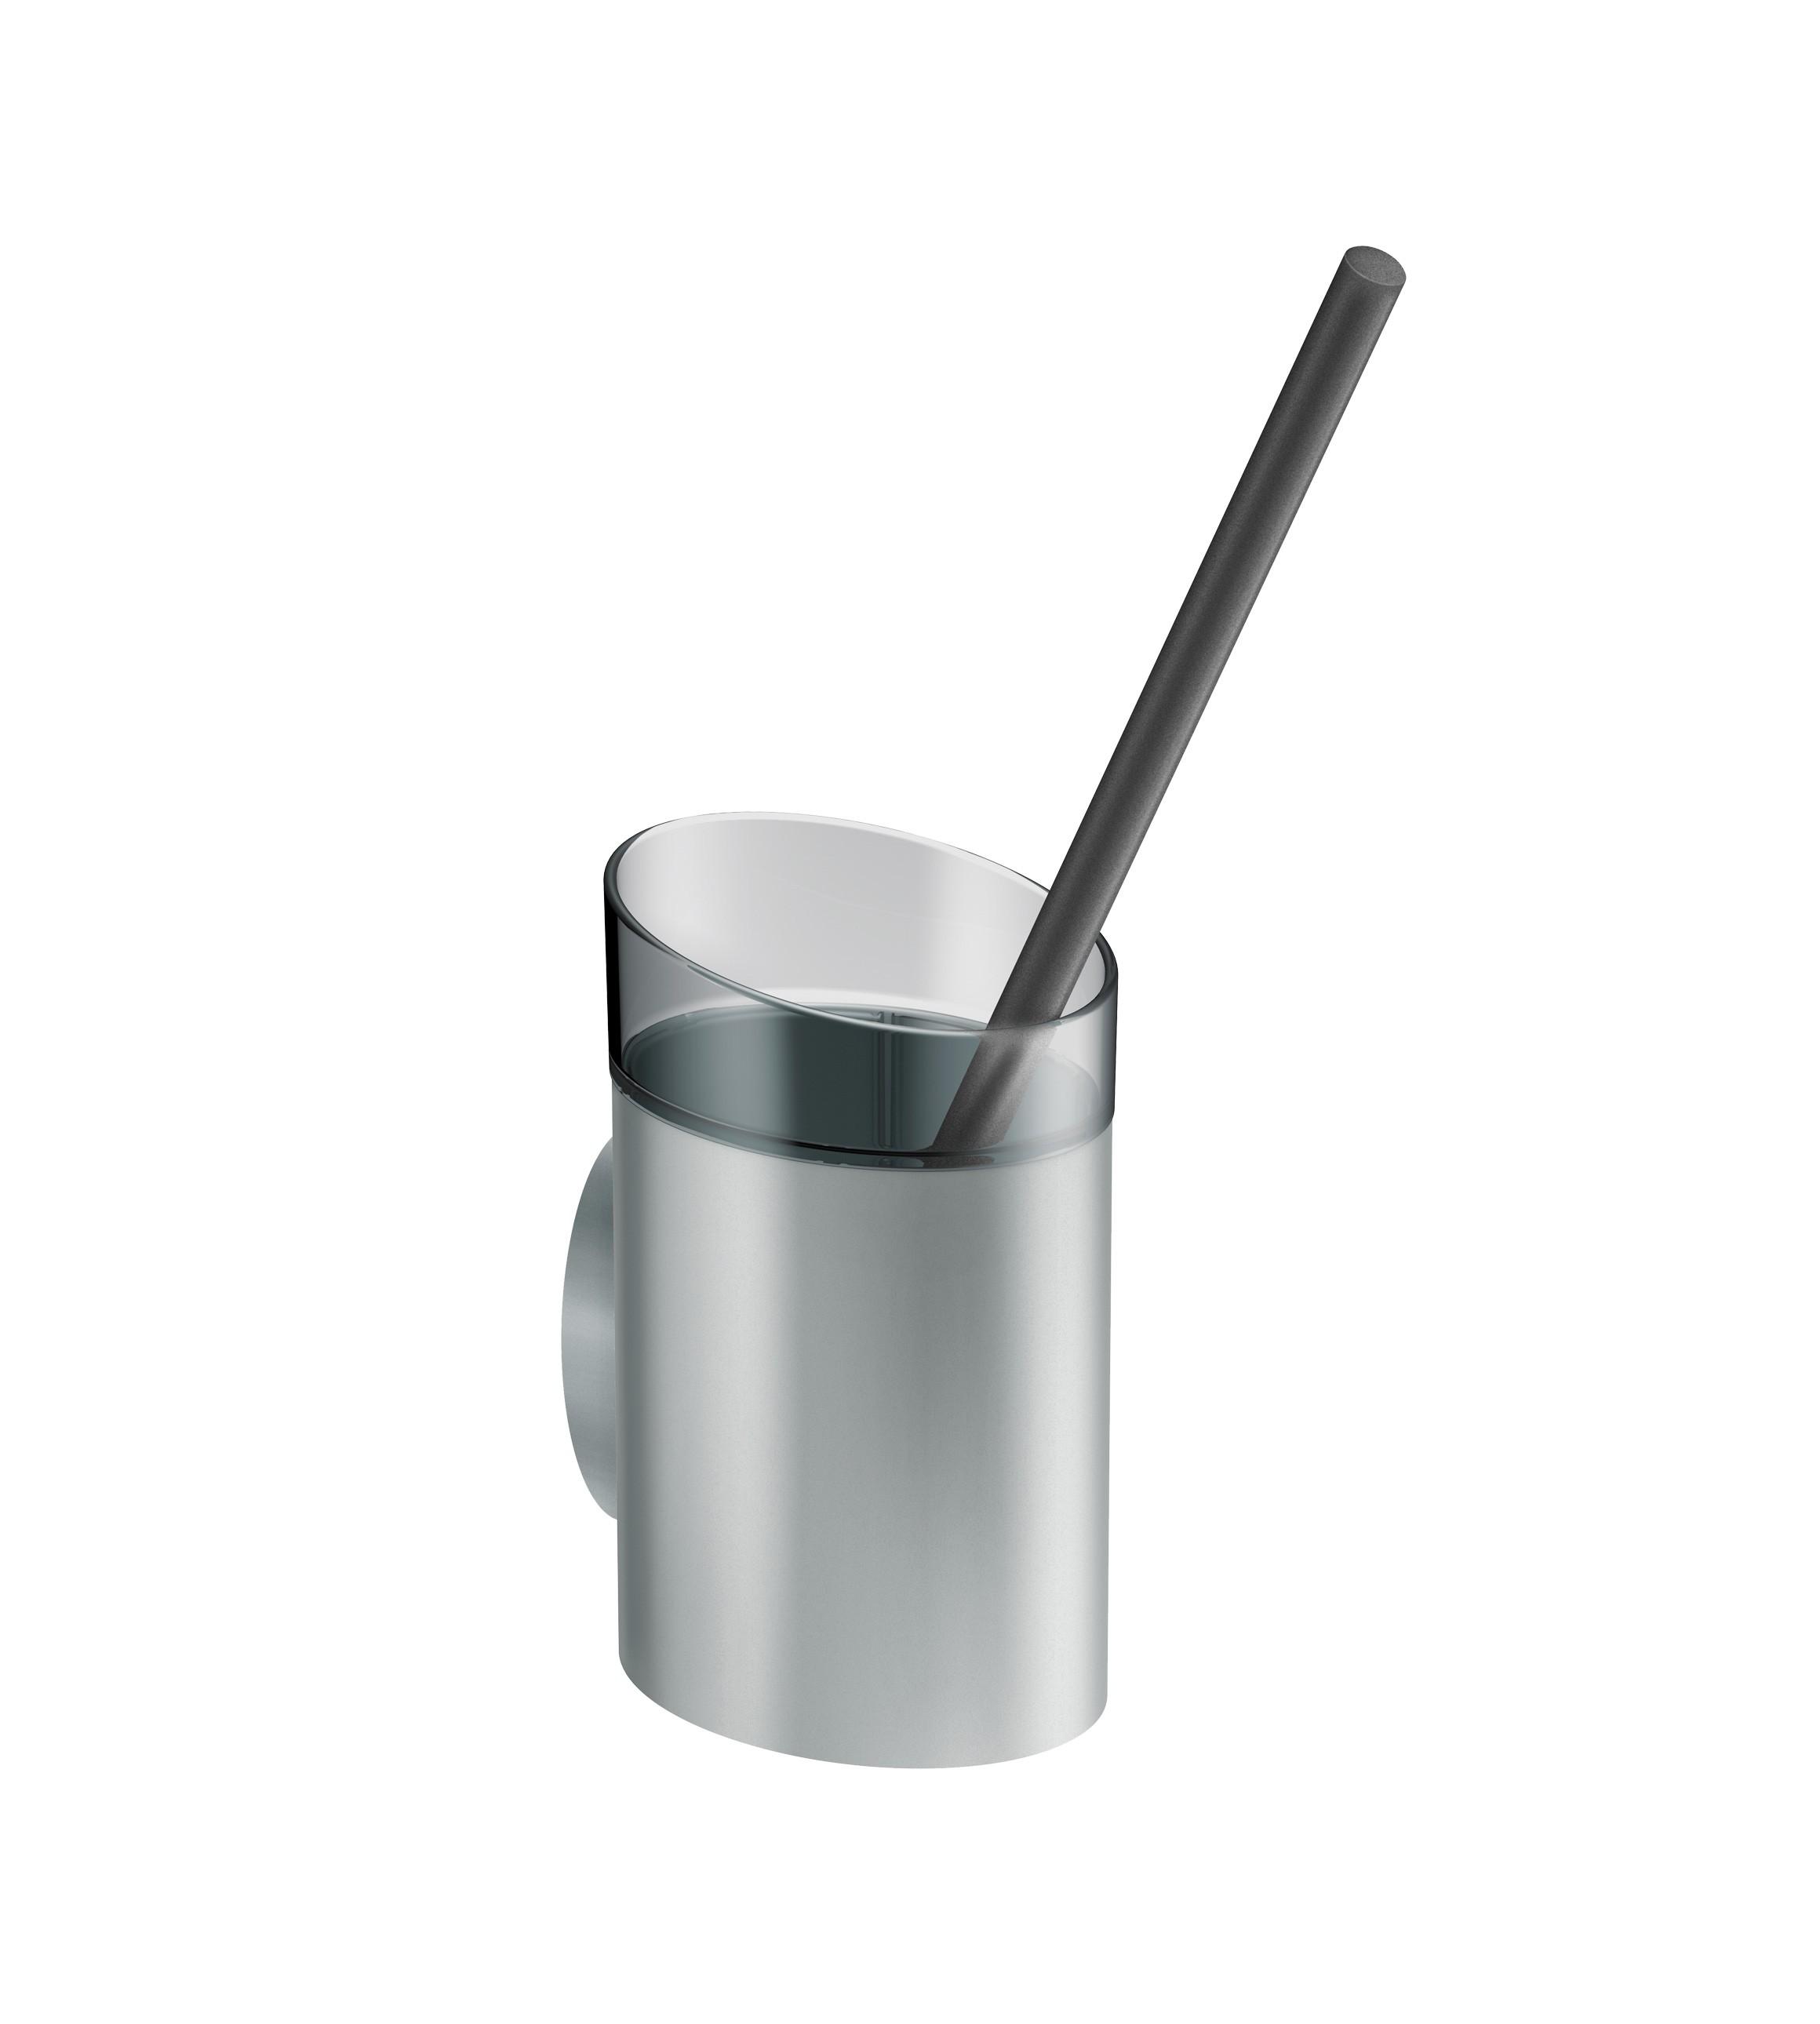 FSB WC-Bürstengarnitur A100 Anemonenweiß (0 82 8460 00008 8220)